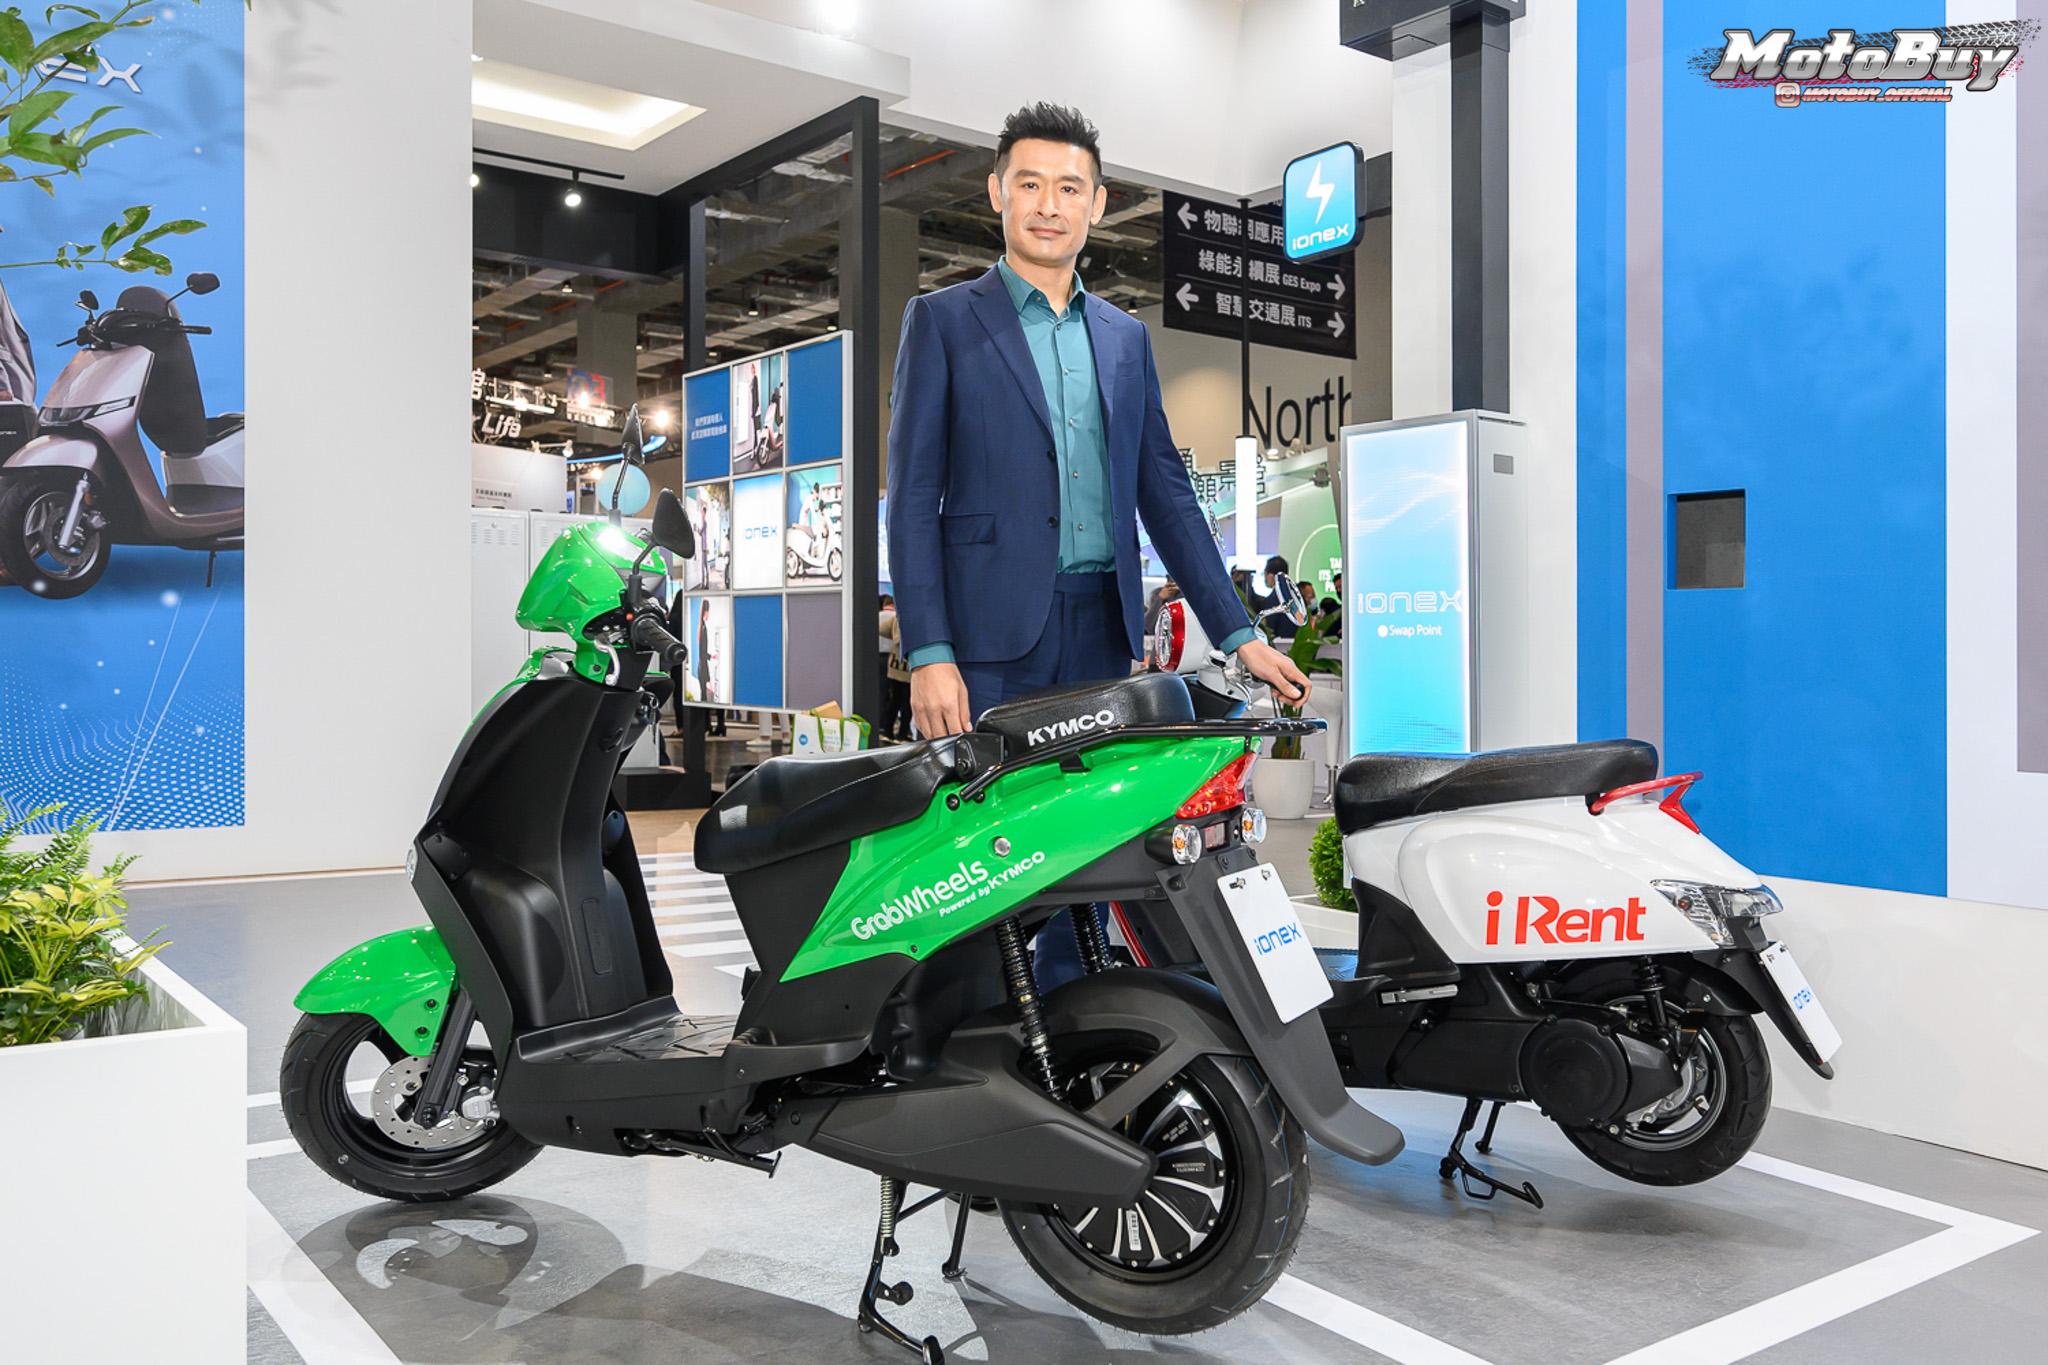 2. 本屆智慧城市展中,KYMCO首度與全球共享巨擘Grab以及台灣知名共享業者iRent的連袂展出,透過Ionex平台,完整體現智慧城市的美好生活。